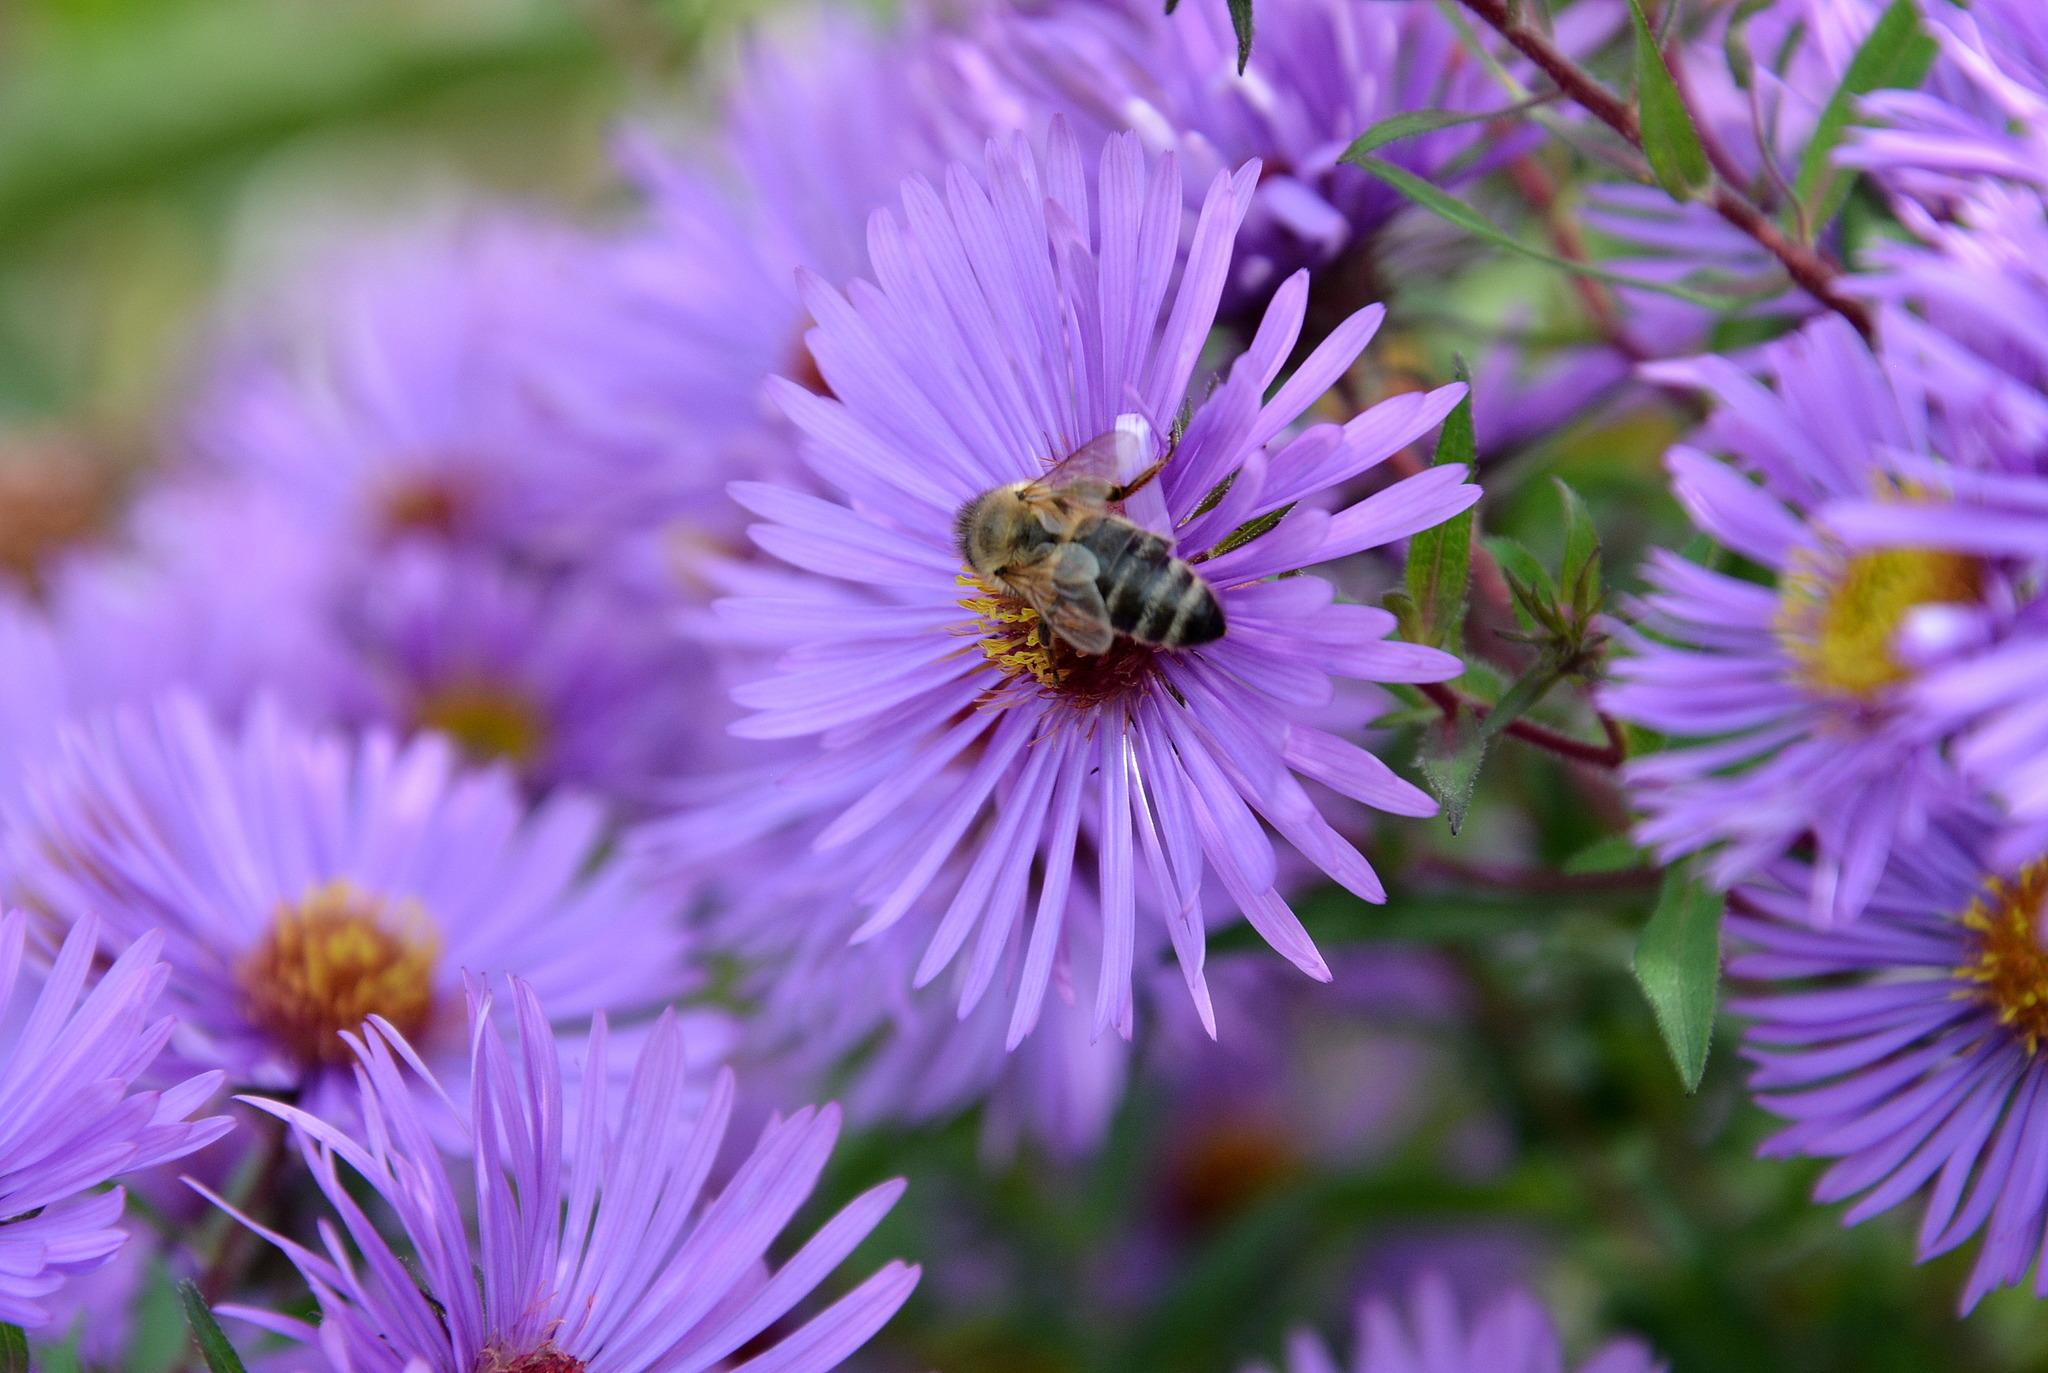 Insektenstiche Behandeln Wärme